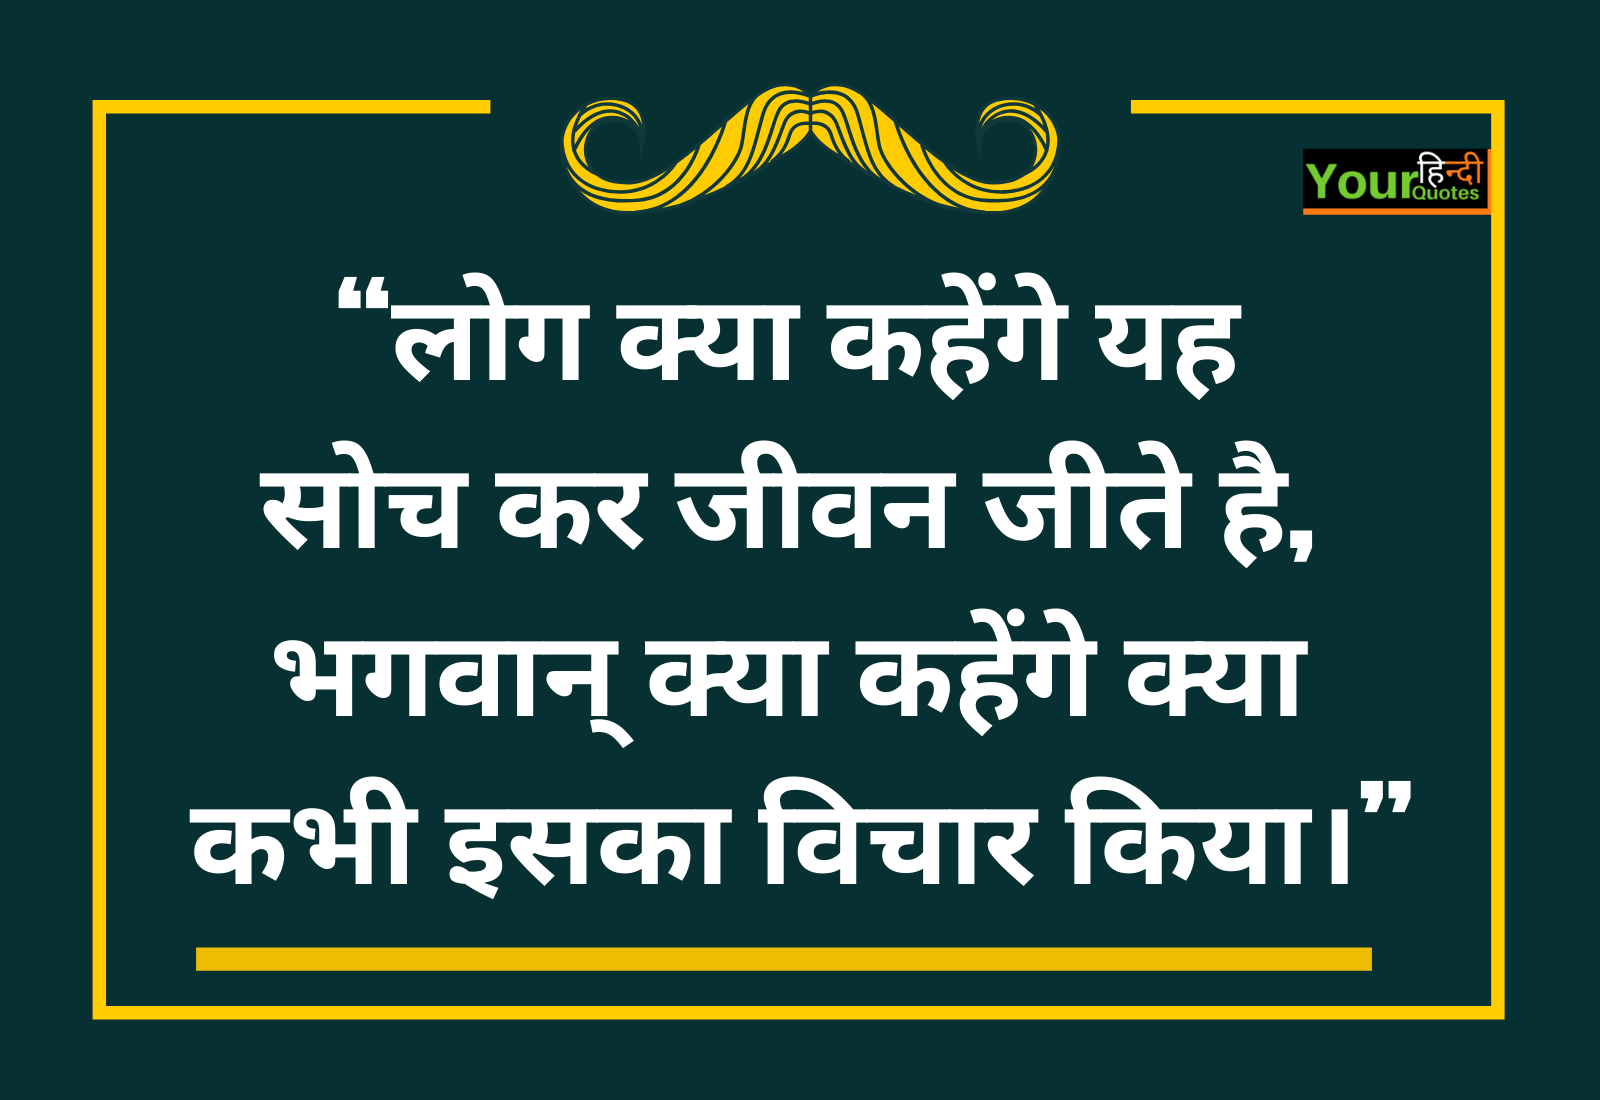 Hindi Life Quote Image